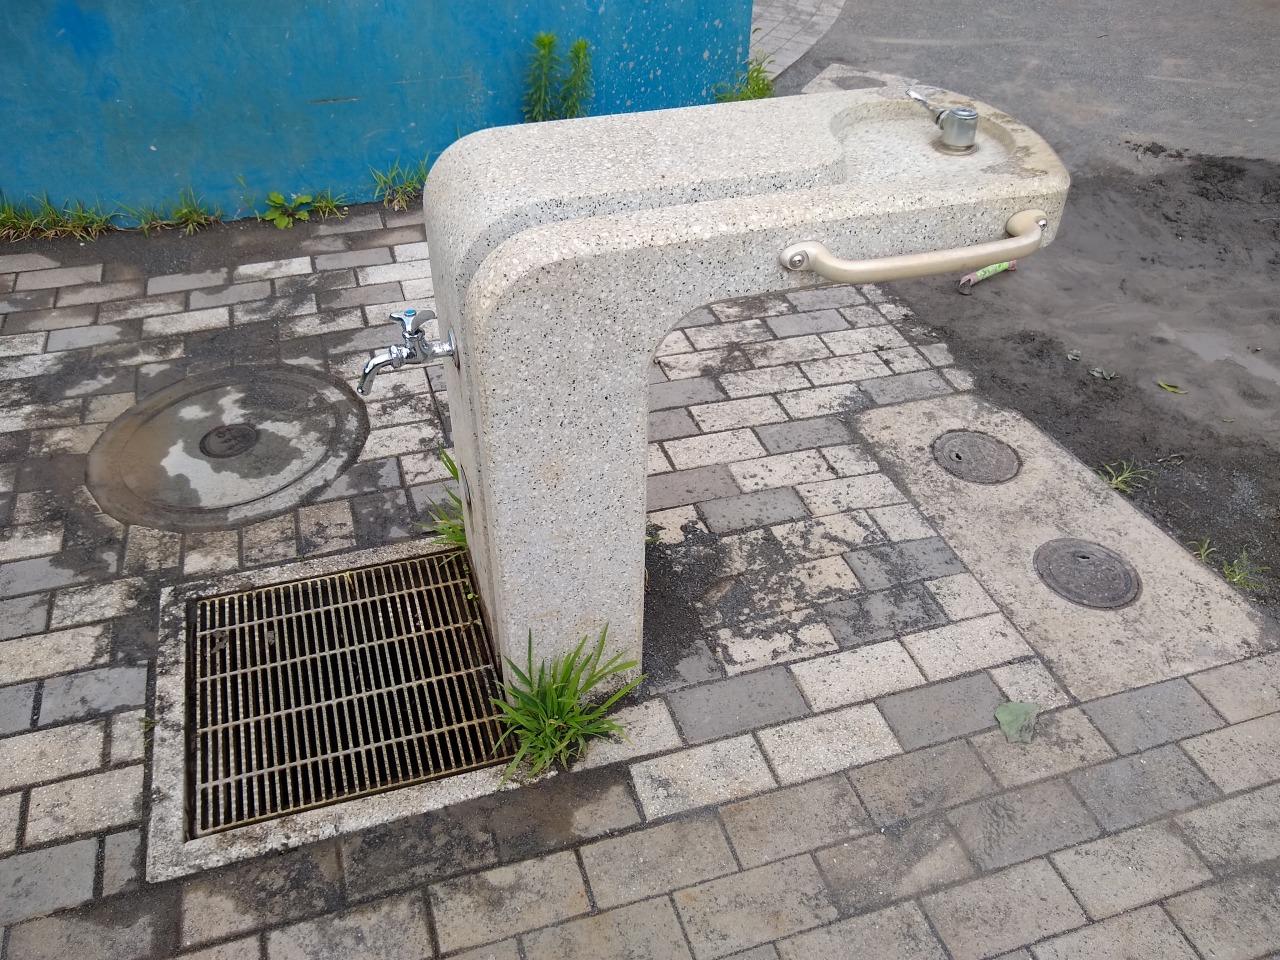 師岡町公園の設備